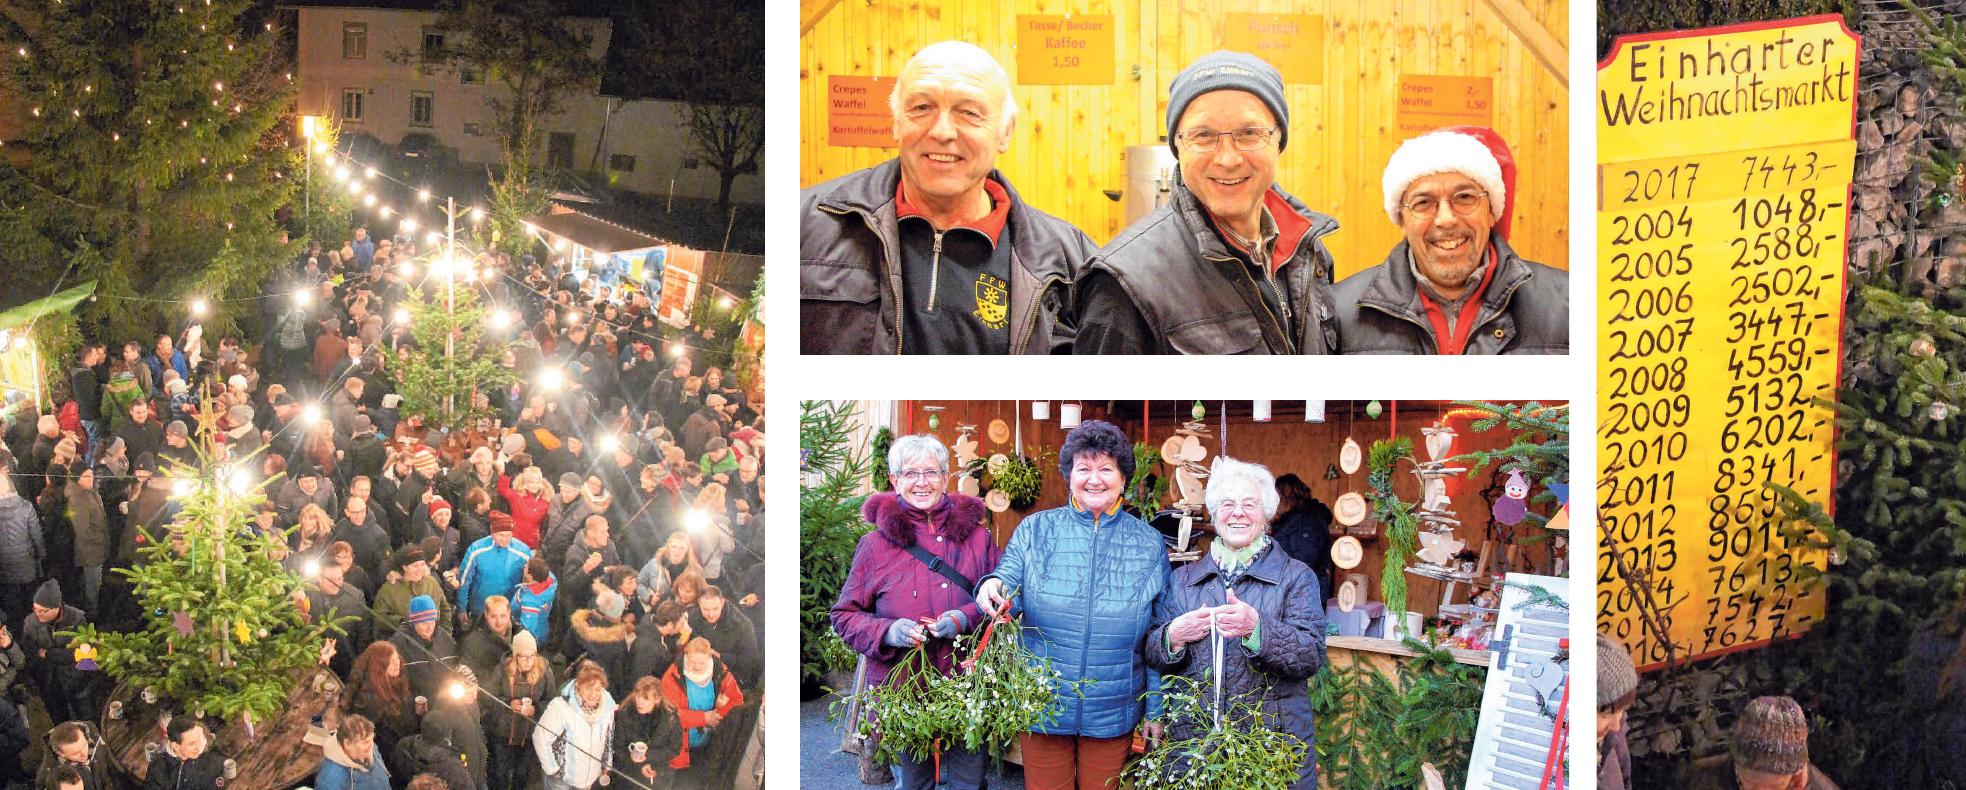 Die Mistelzweige sind beim Einharter Weihnachtsmarkt sehr gefragt und ab 17 Uhr kaum noch zu ergattern. FOTOS (5): NICOLE FRICK